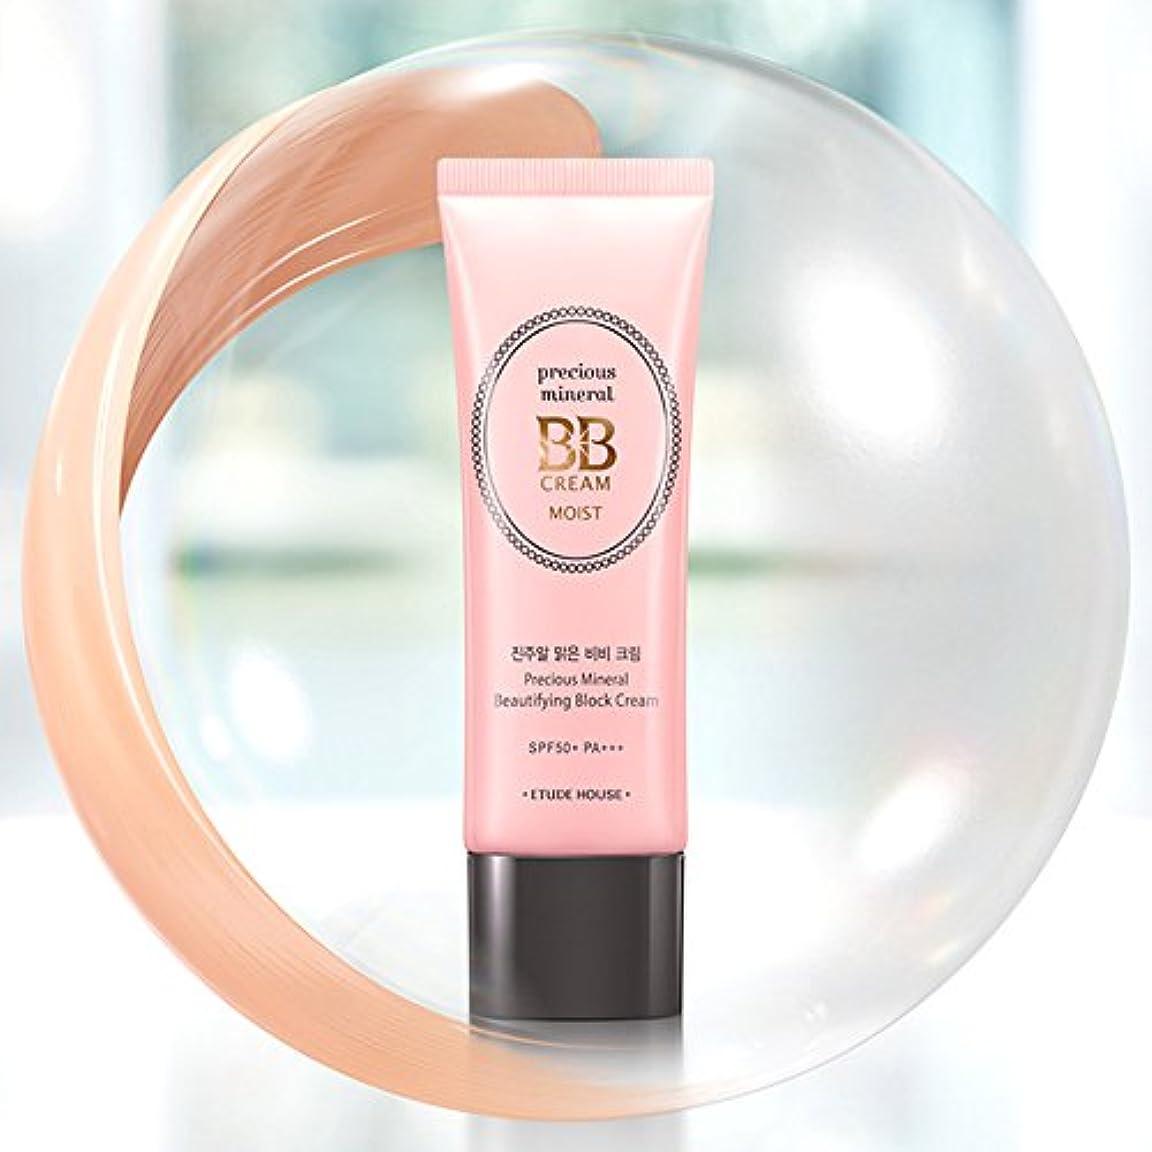 検出手のひら複合ETUDE HOUSE Precious Mineral BB Cream Moist [ Beige] SPF50+ PA+++ エチュードハウス プレシャスミネラルBBクリーム モイスト [ベージュ] SPF50 +...